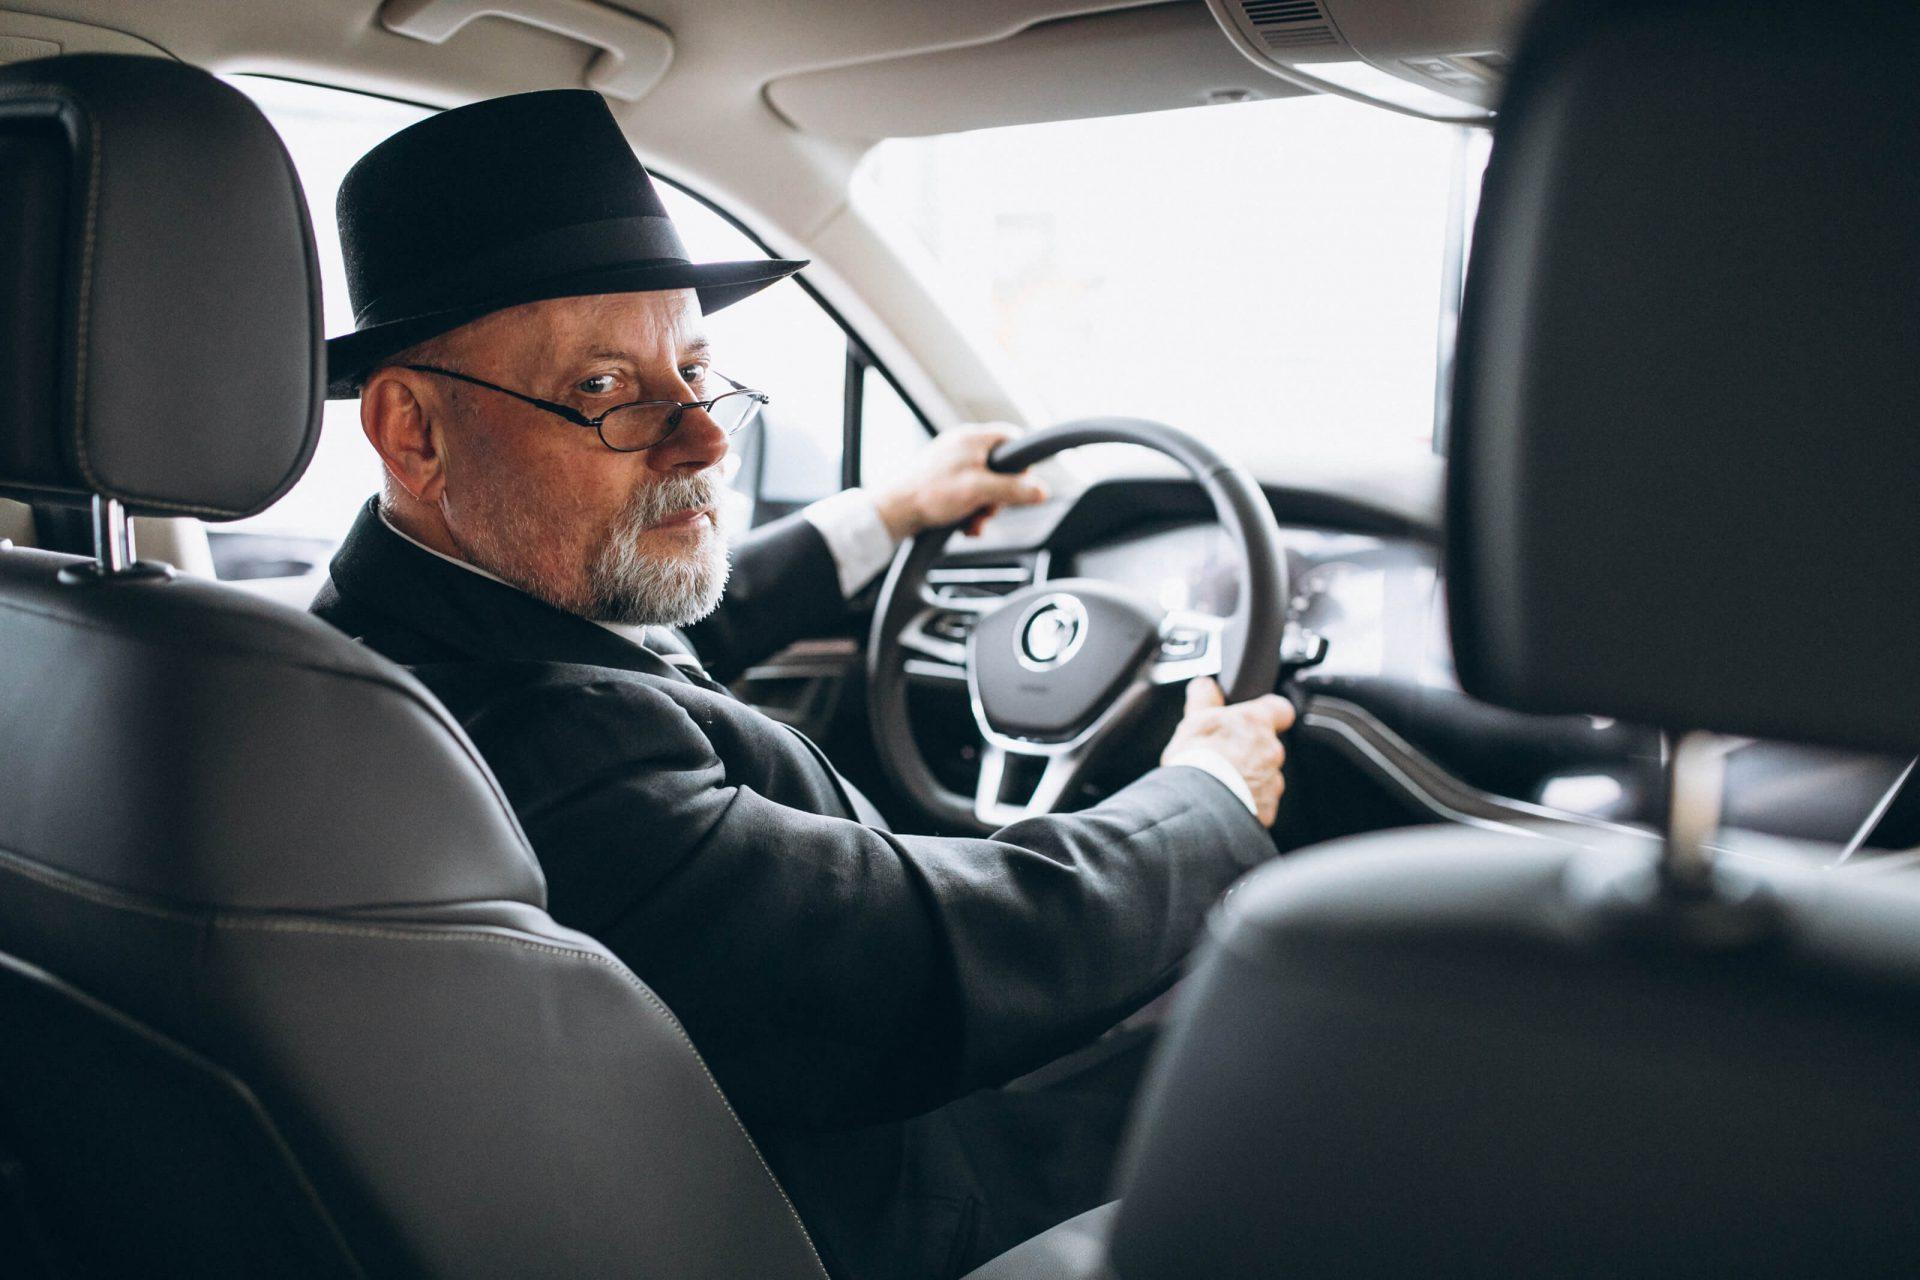 współwłasność samochodu - wszystko co powinieneś wiedzieć